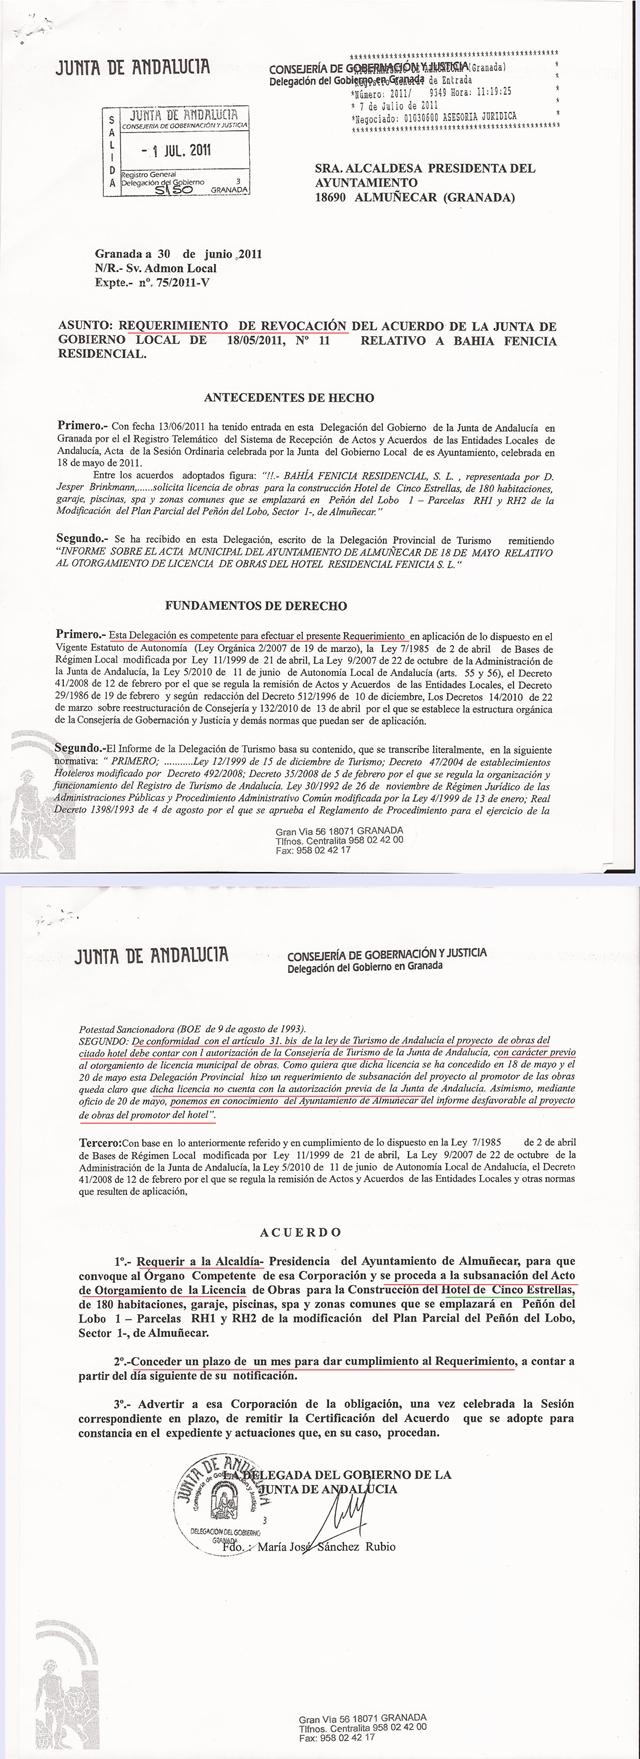 20110728131318-requerimiento-las-dos-hojas-de-gobernacion.jpg